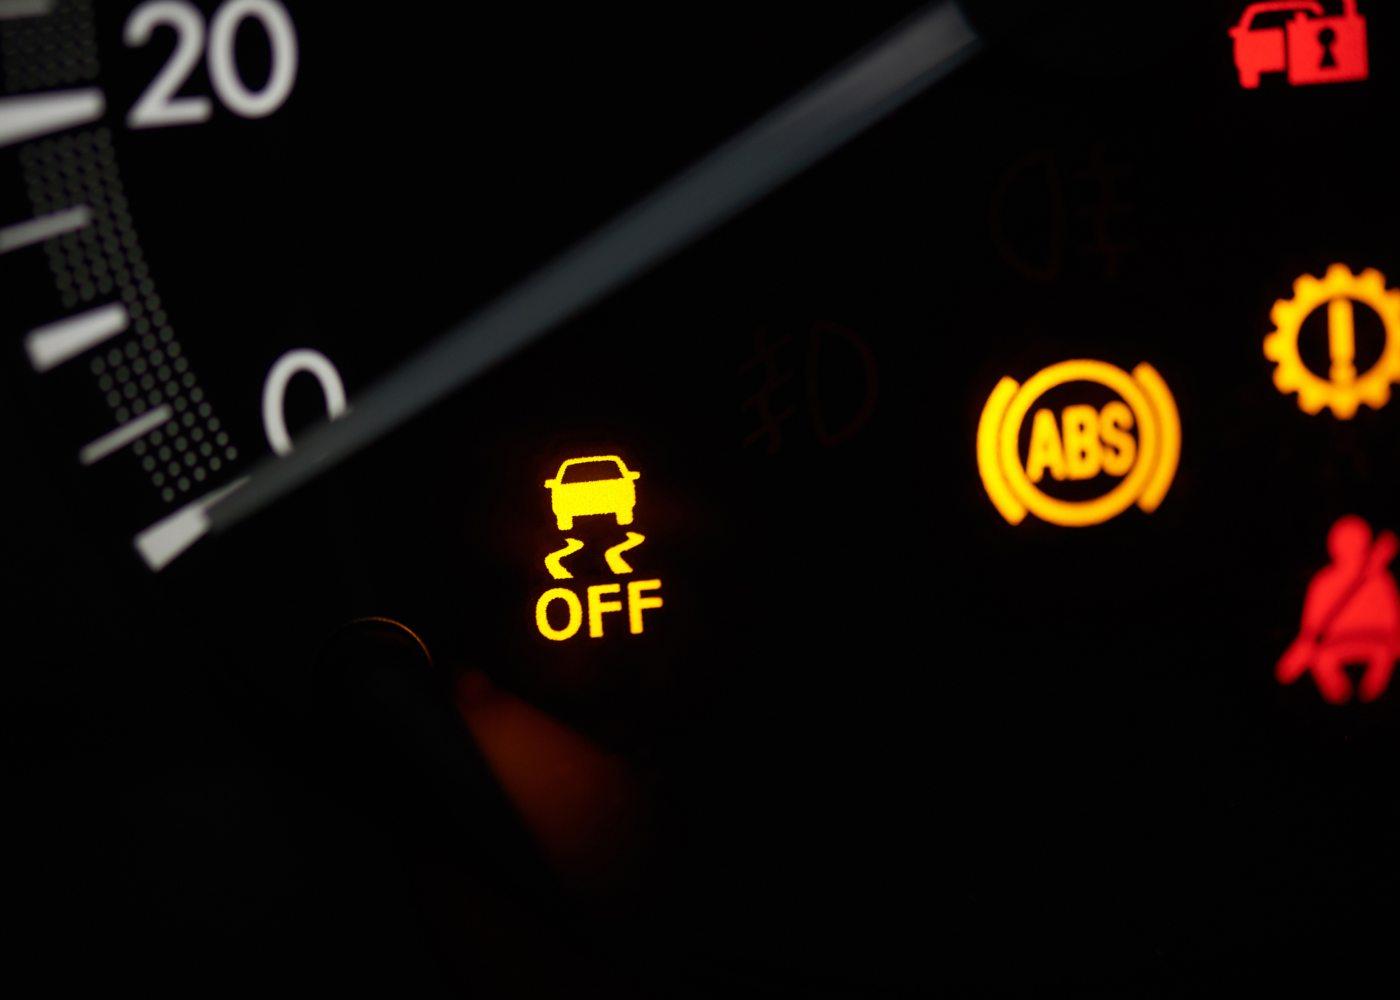 painel de instrumentos de carro a indicar sistemas de segurança obrigatórios